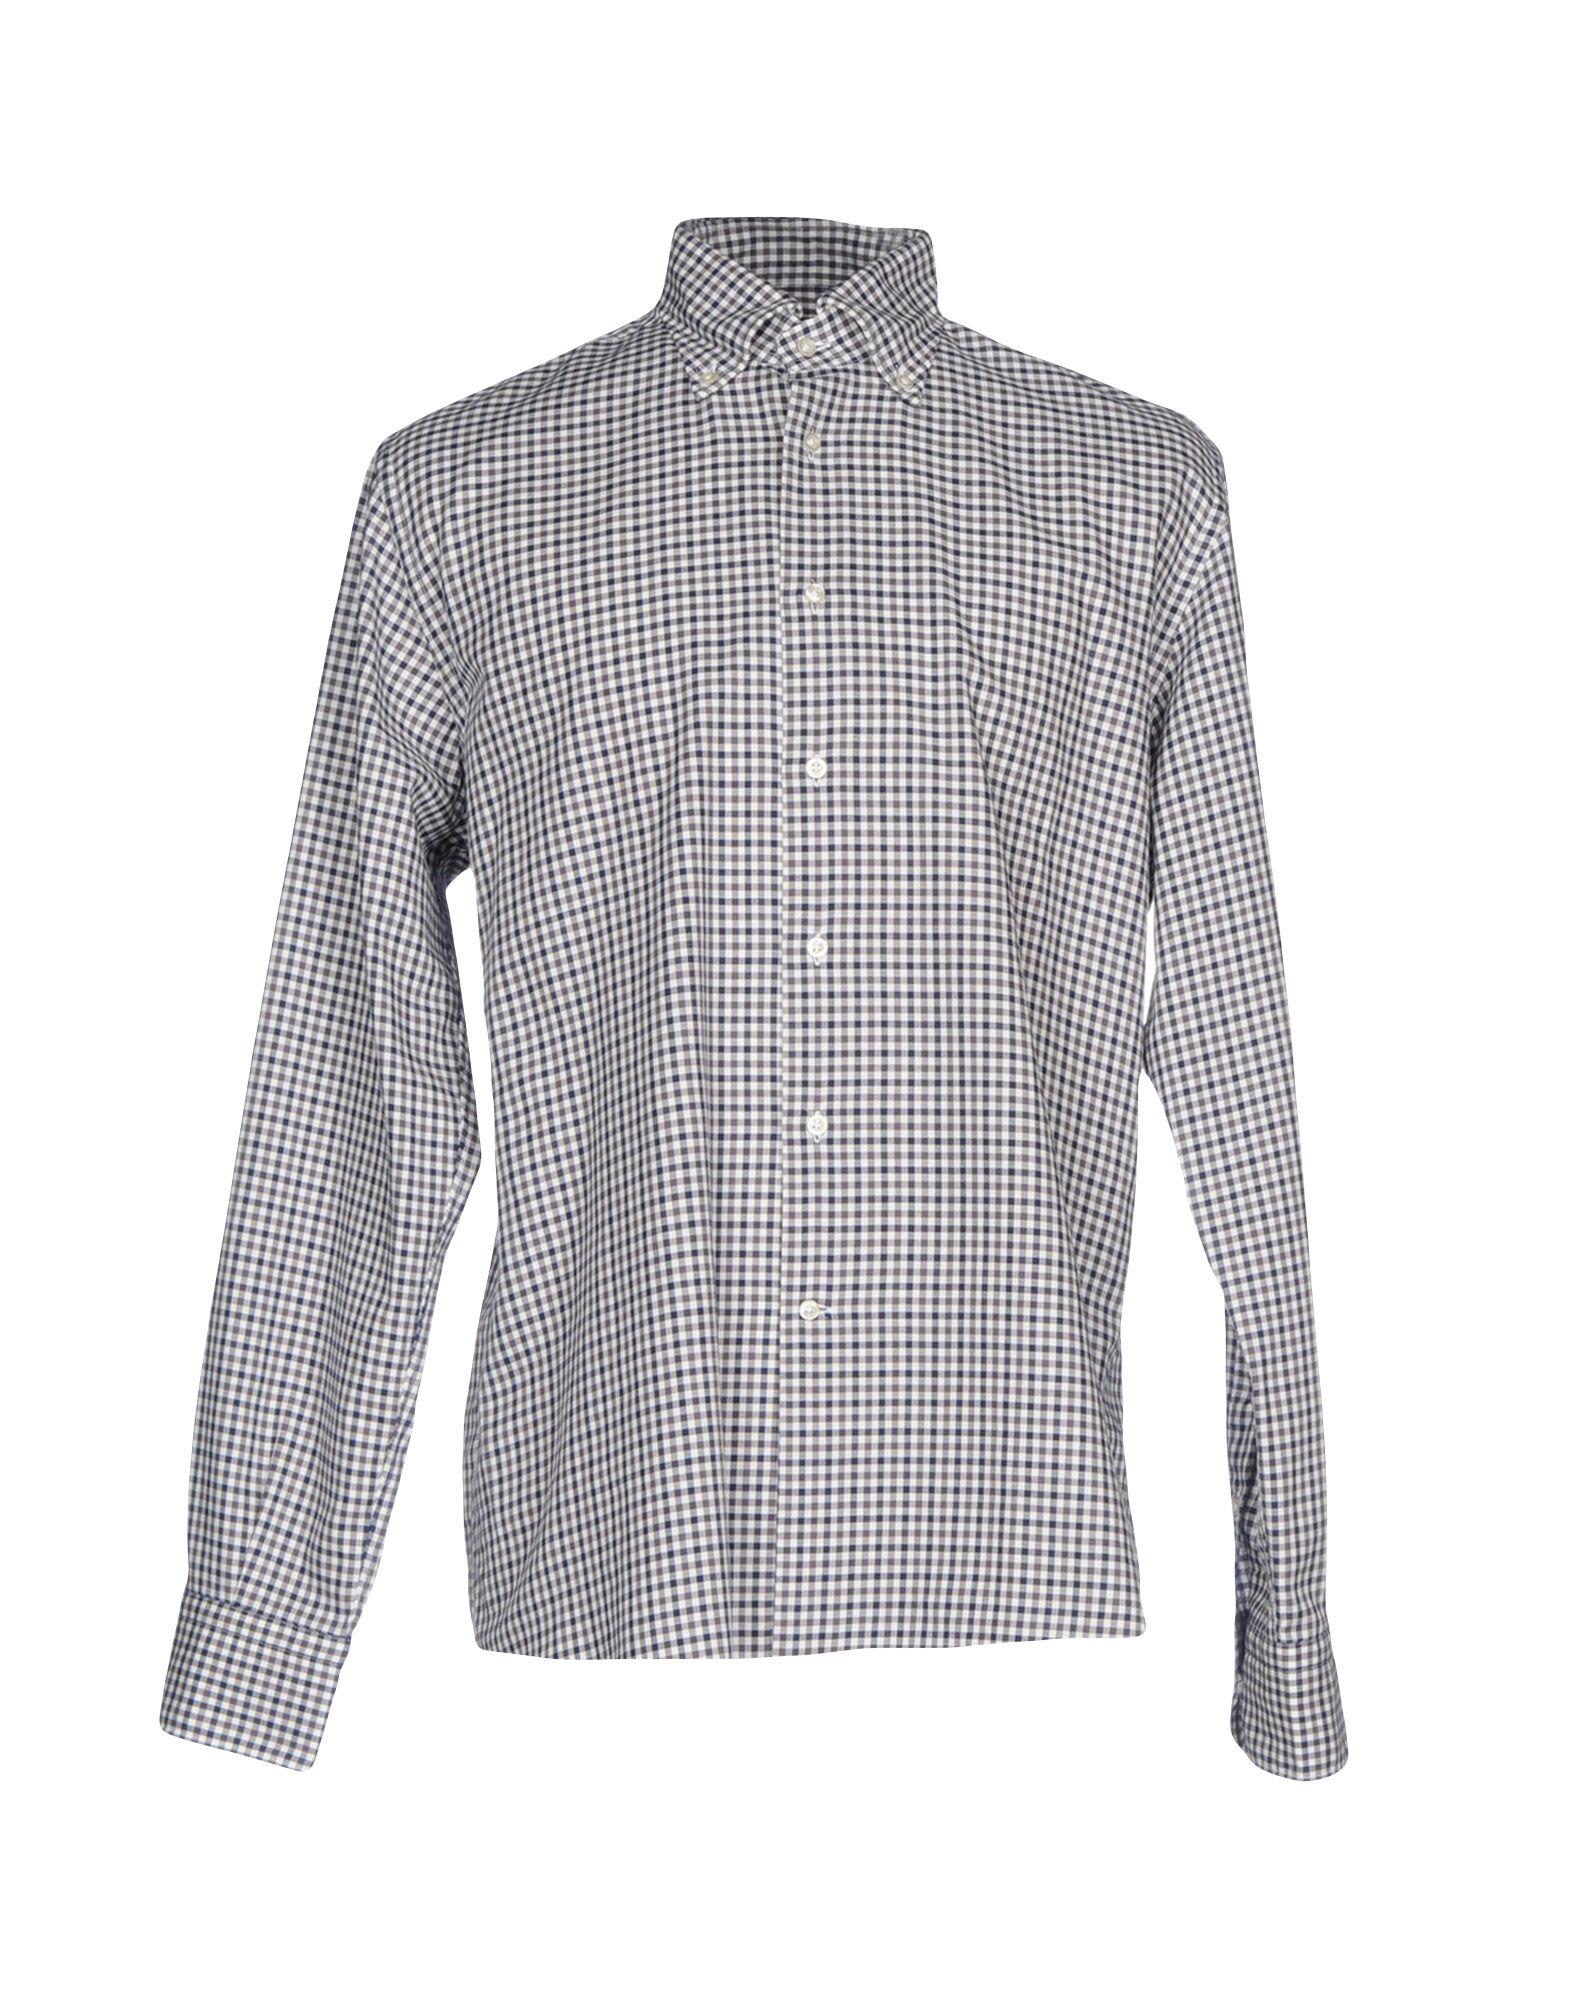 《送料無料》DEL SIENA メンズ シャツ ブラック 44 コットン 100%